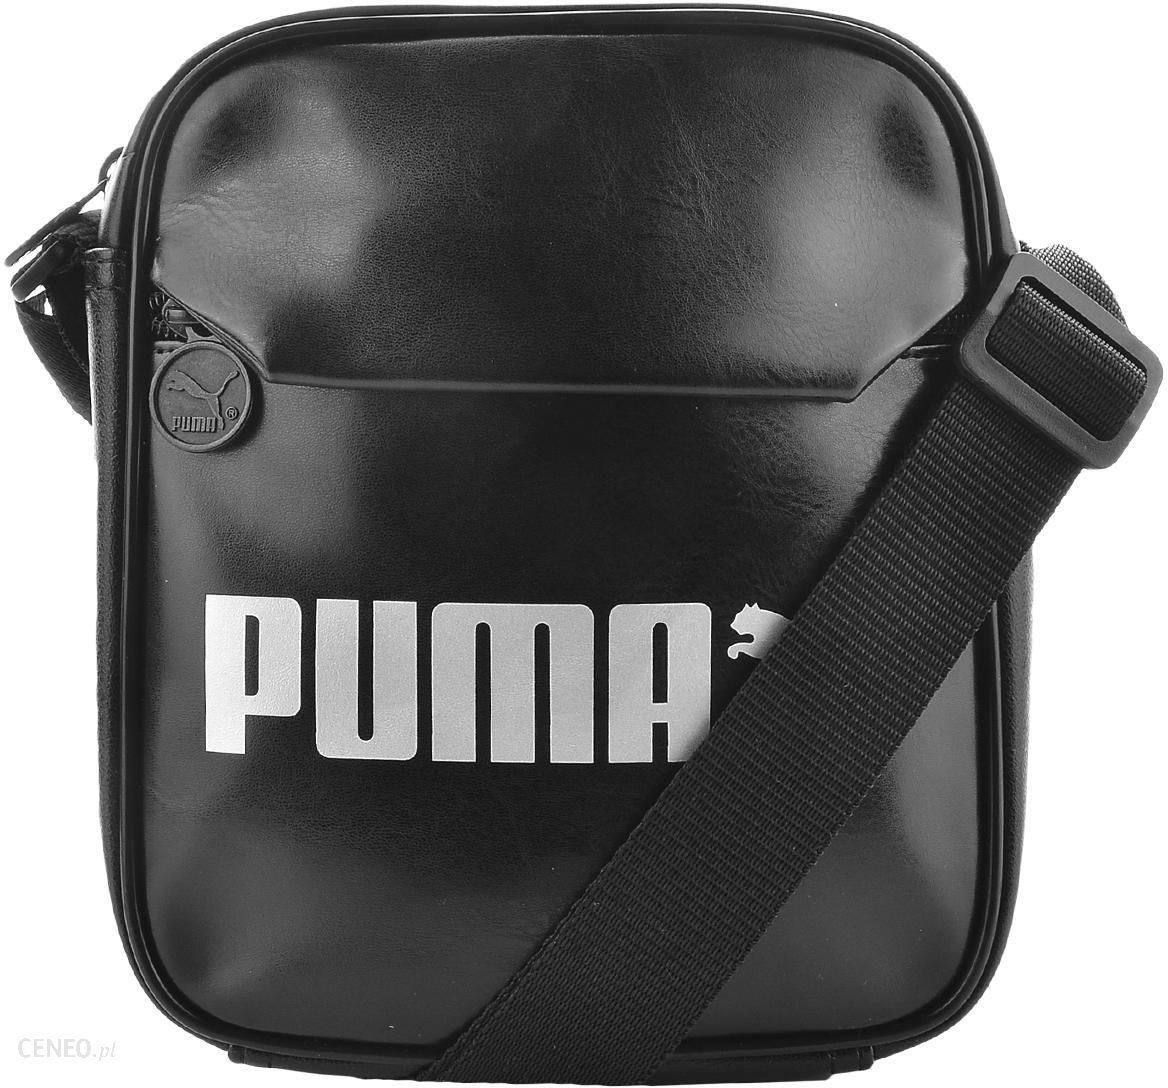 382c1b2f74f90 Listonoszka Puma Na Ramię Sportowa (075004-01) B-r - Ceny i opinie ...